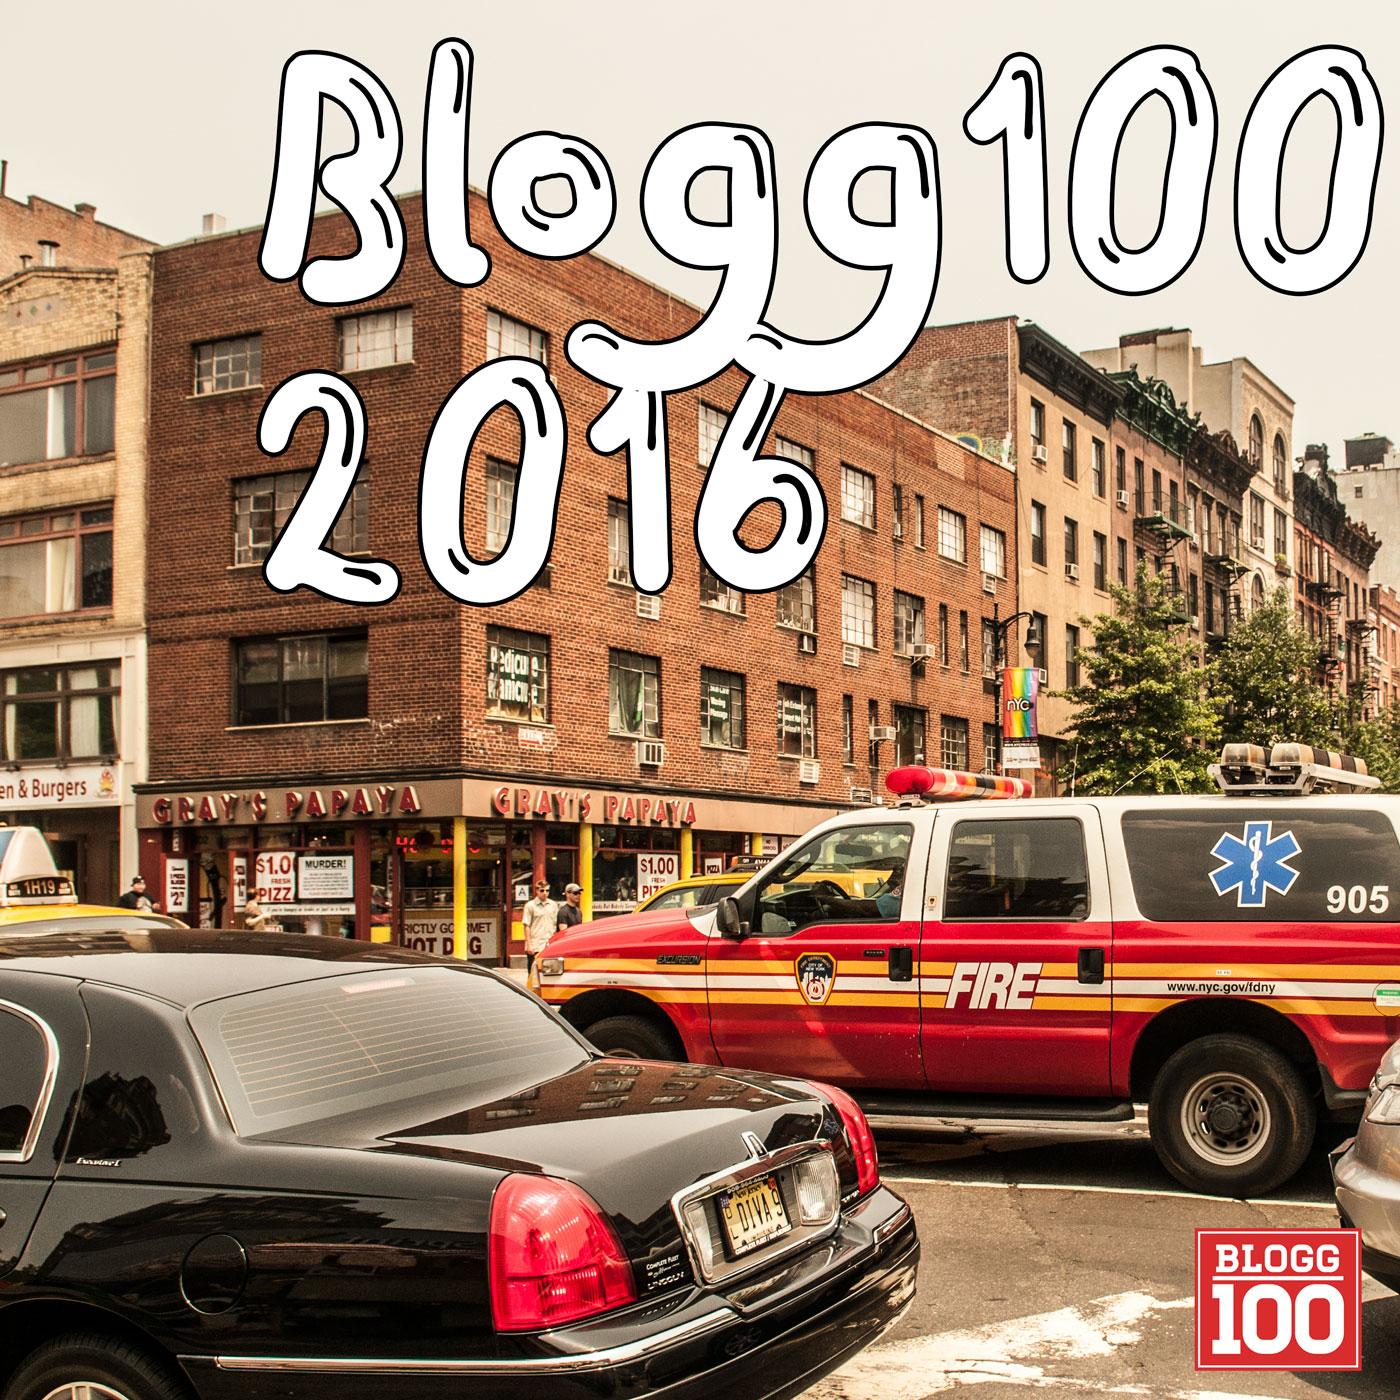 G-Star Raw är en unik butikskedja  #blogg100